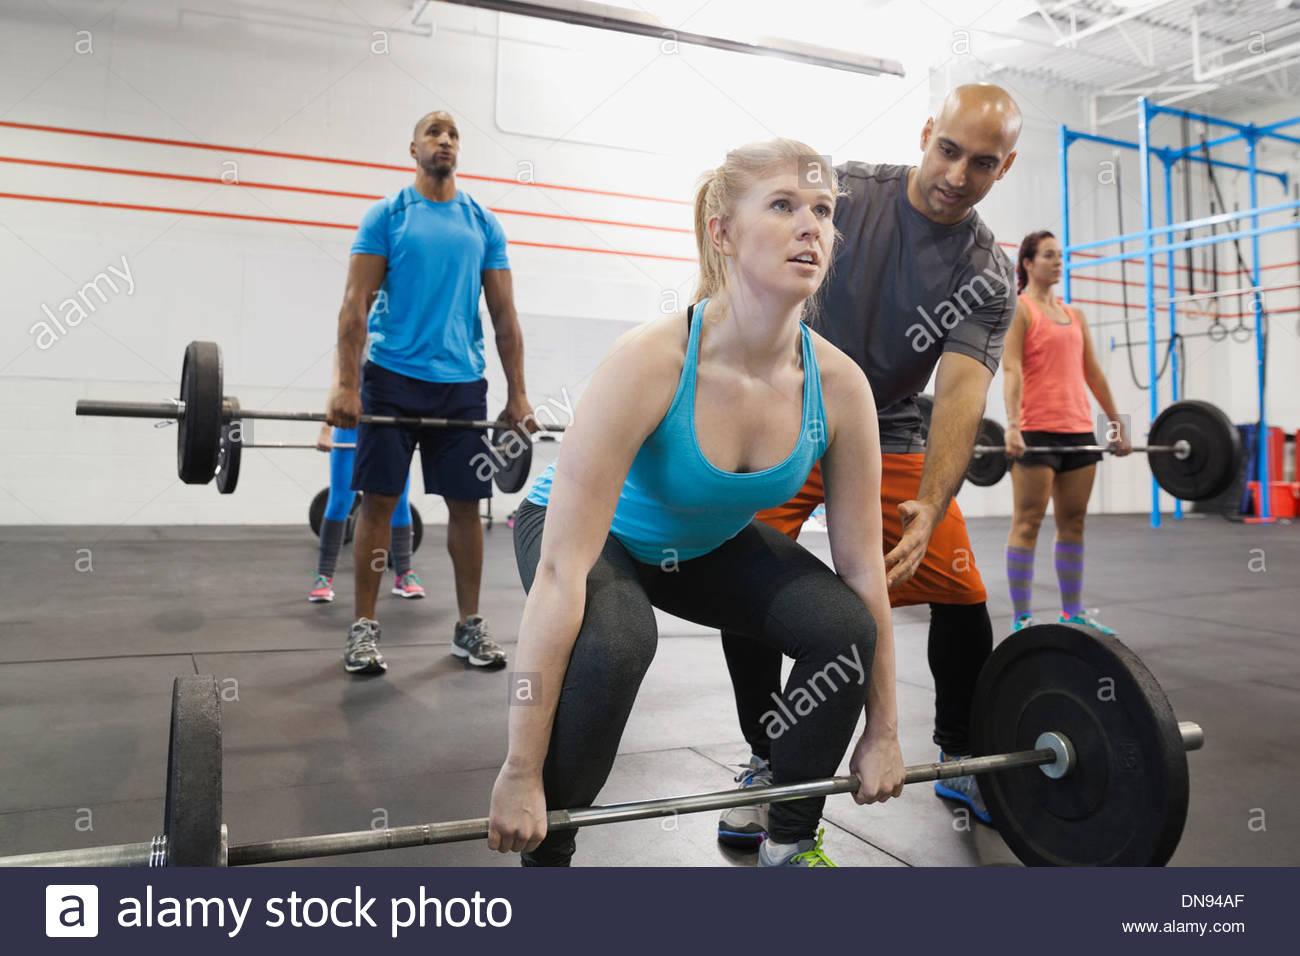 Istruttore di palestra ad assistere la donna con tecnica deadlift Immagini Stock